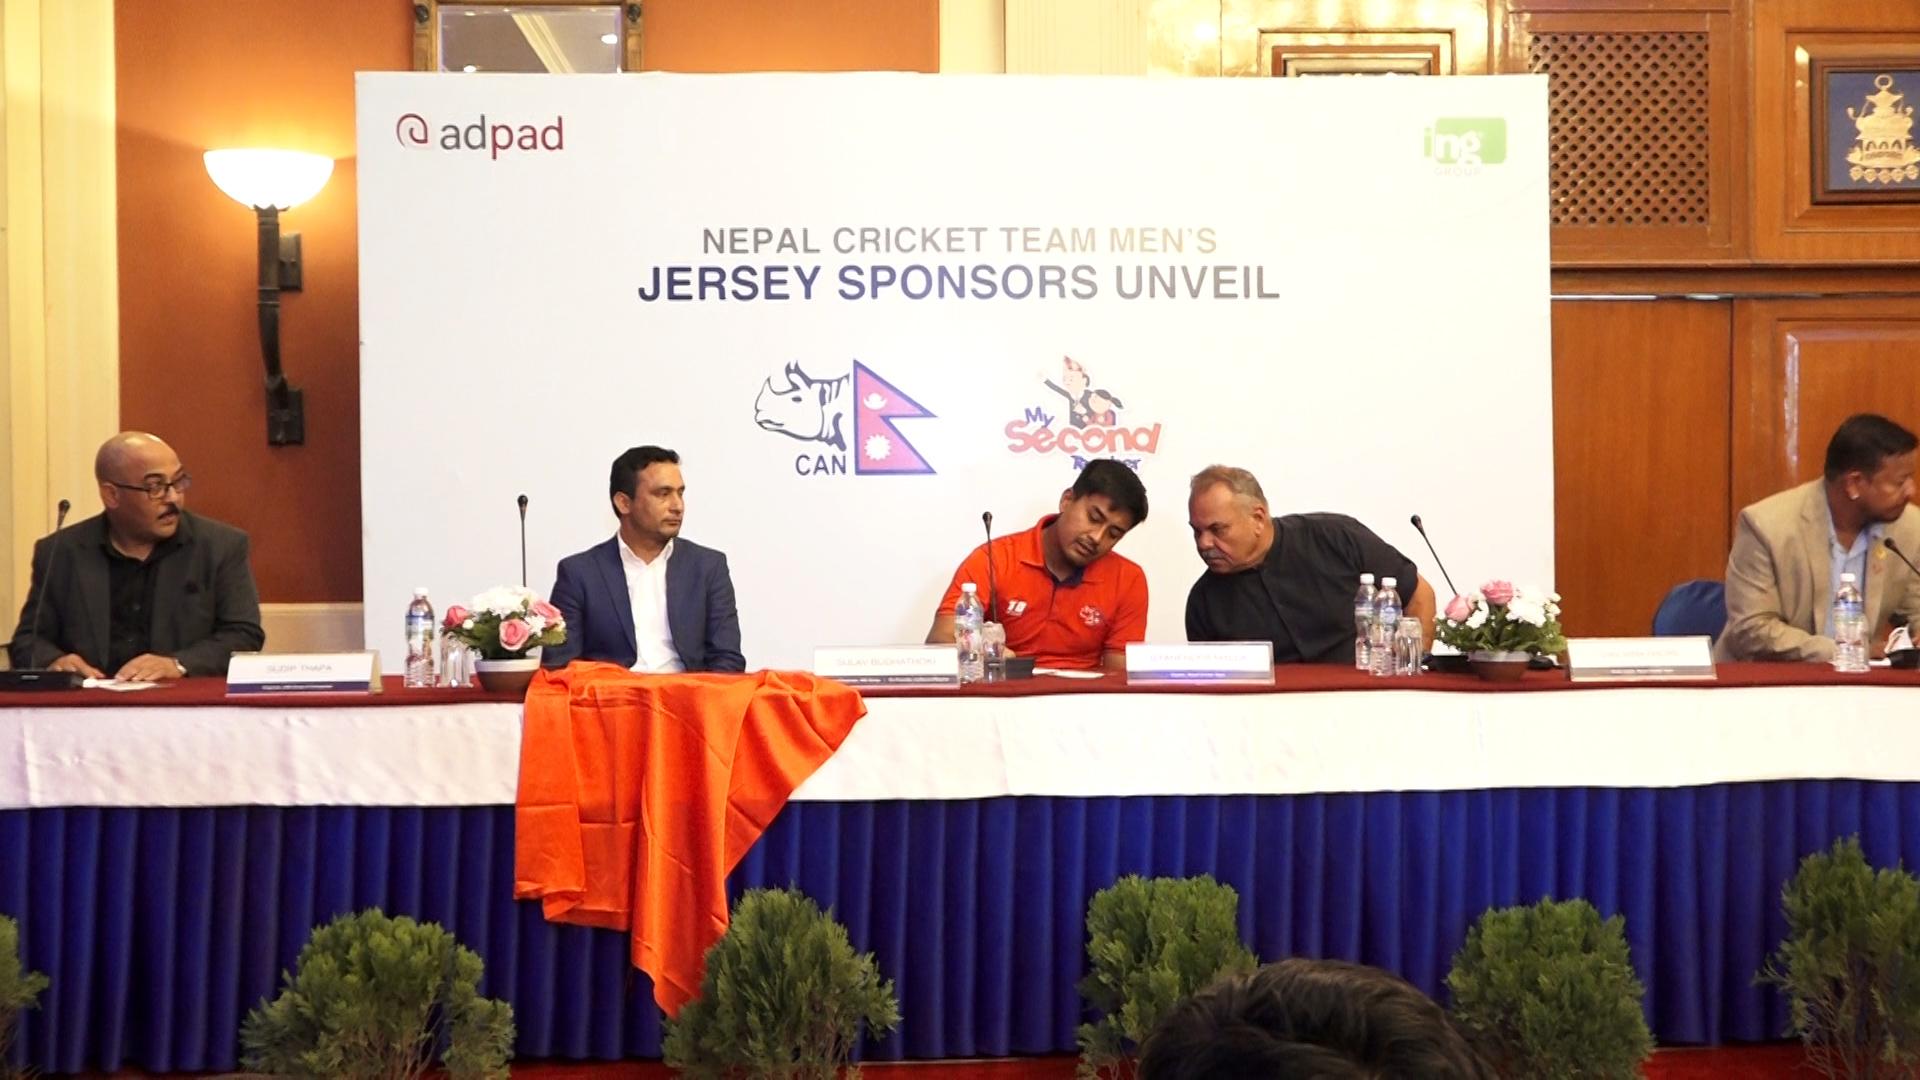 नेपाली राष्ट्रिय क्रिकेट टिमको जर्सी सार्वजनिक